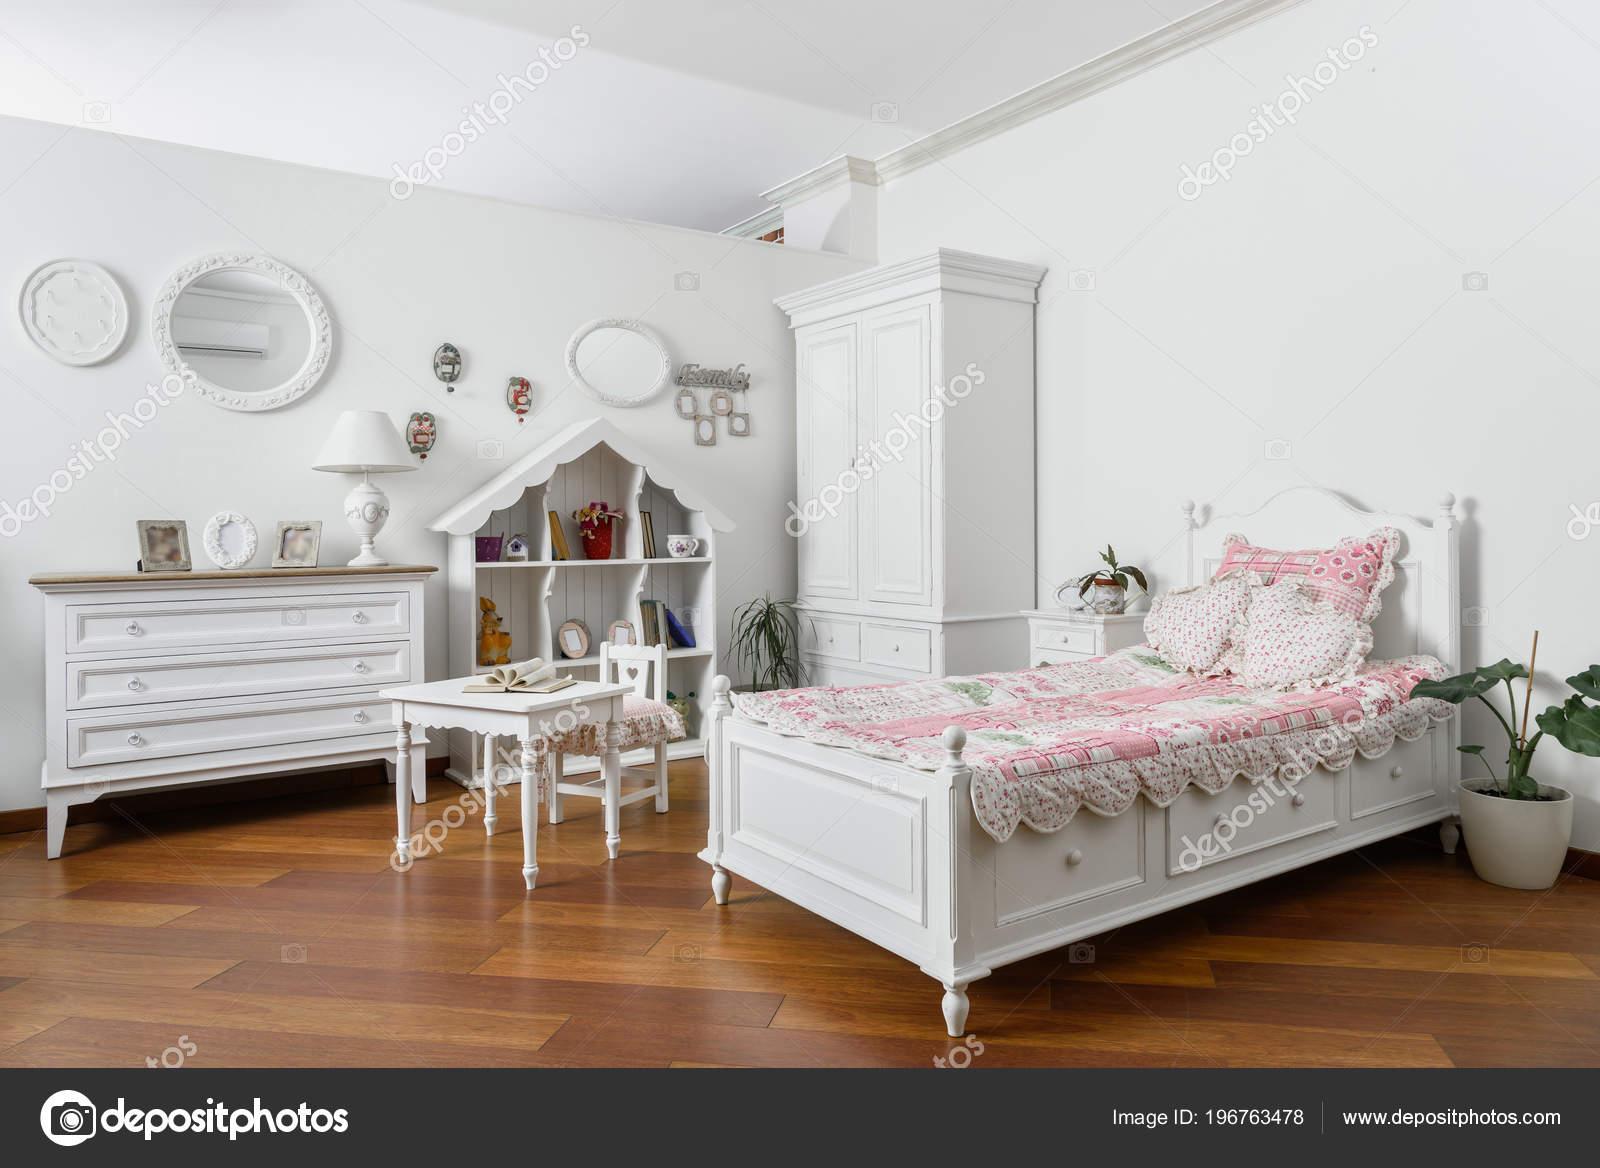 Wnętrze Nowoczesne Sypialnia światła Wąskim łóżku Białe Meble